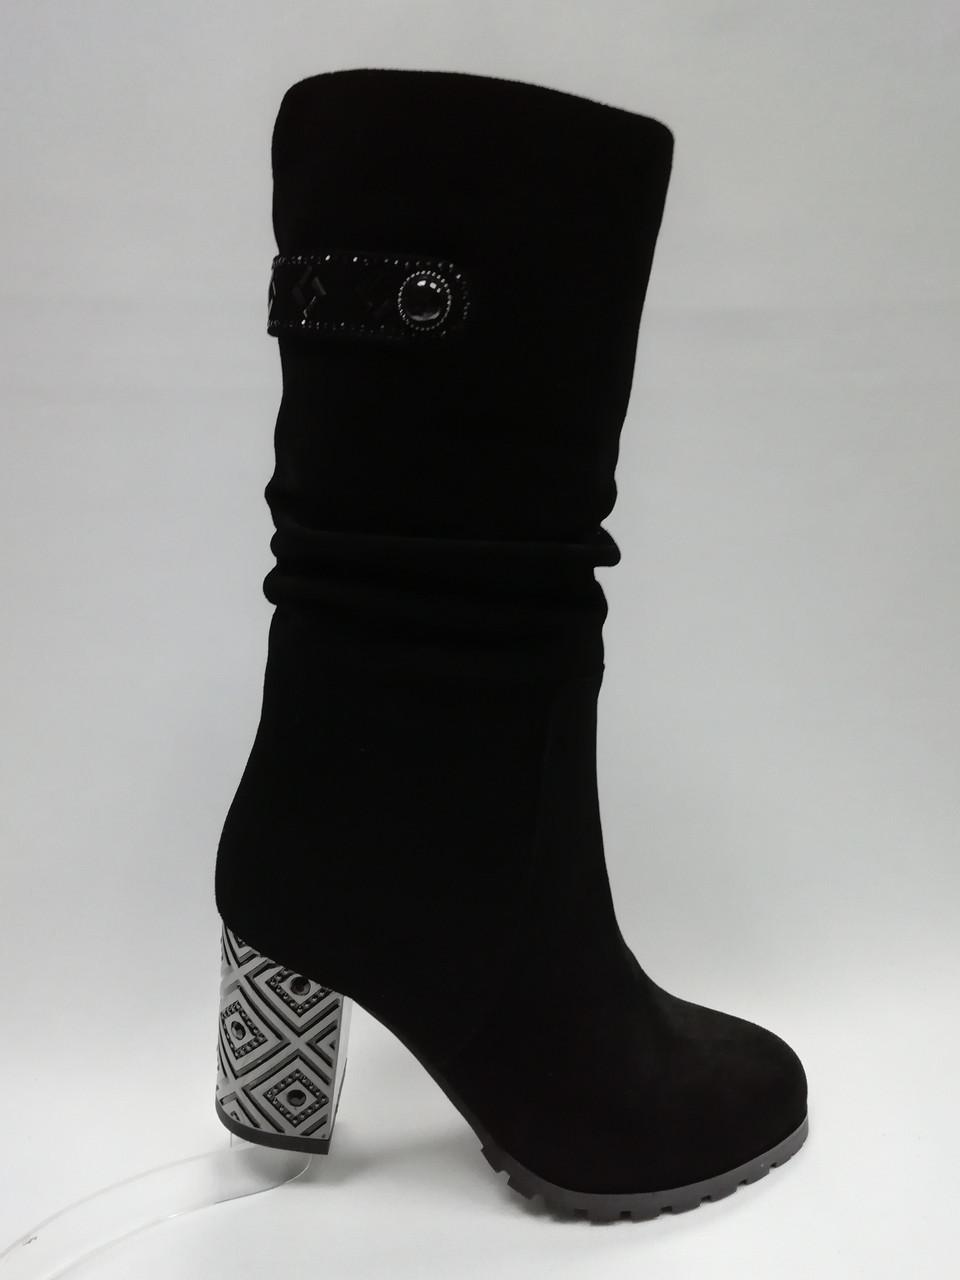 Черные замшевые зимние сапоги. Маленькие размеры (33-35).